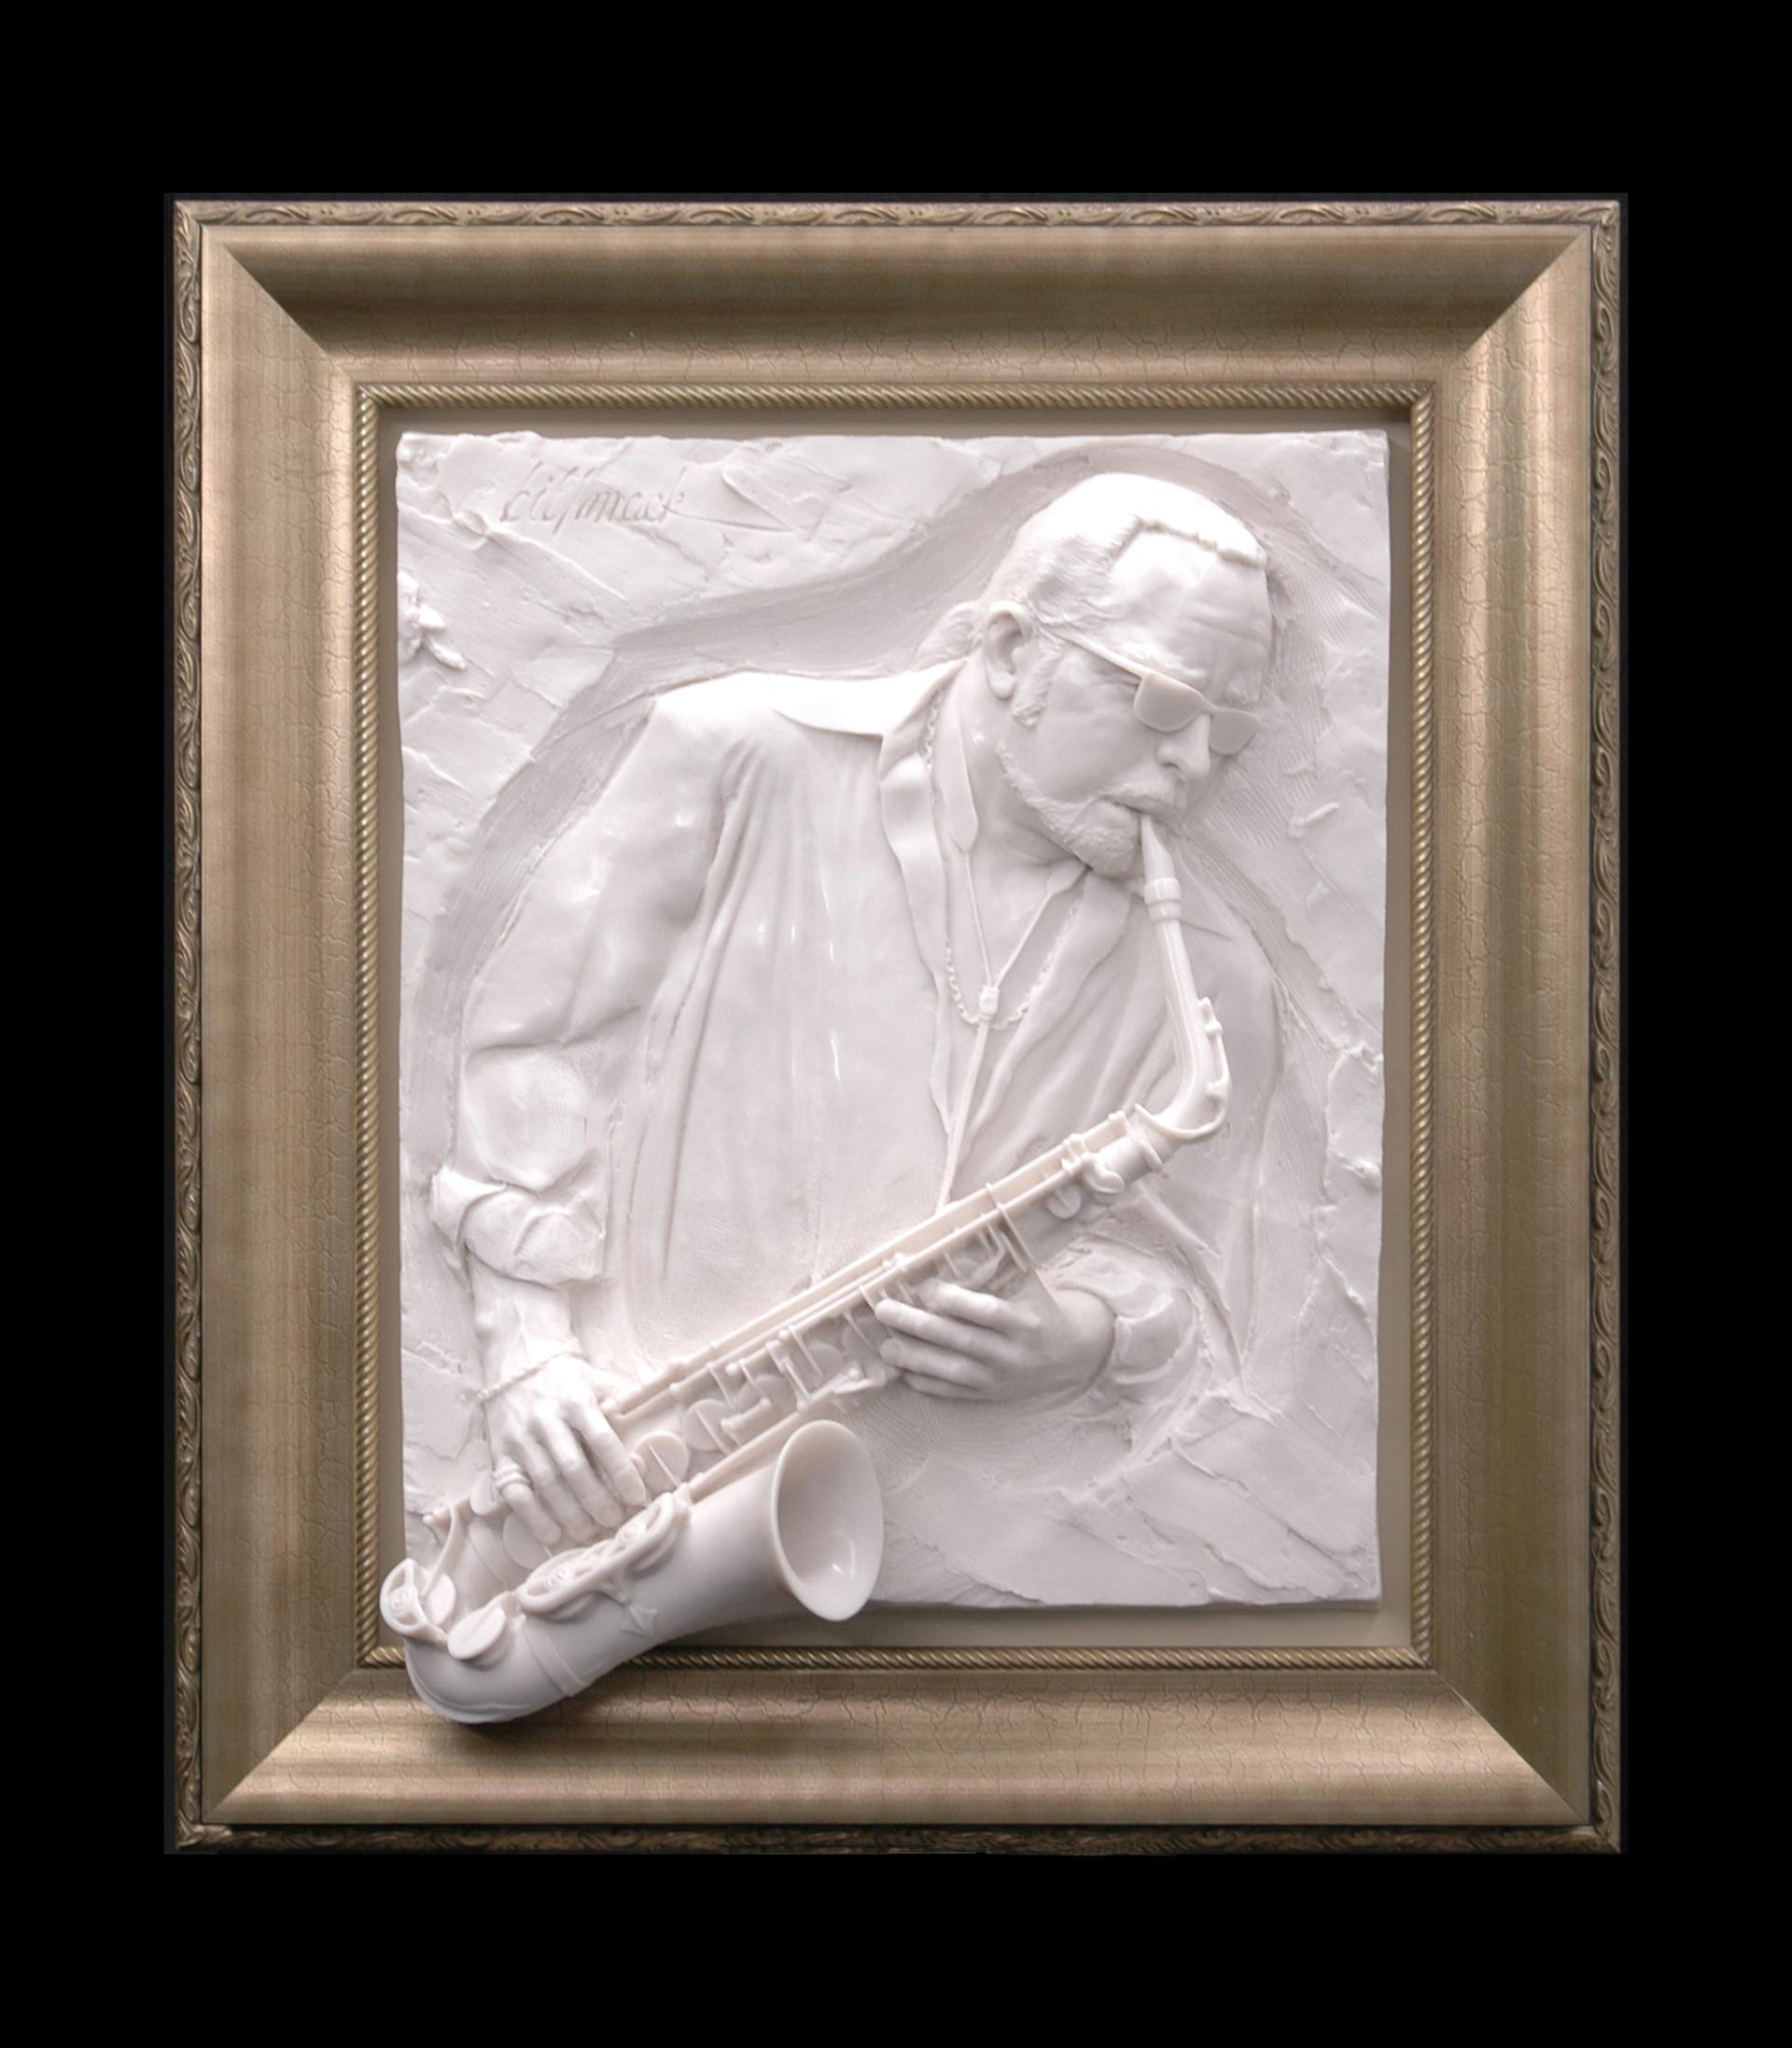 Jazzman by Bill Mack